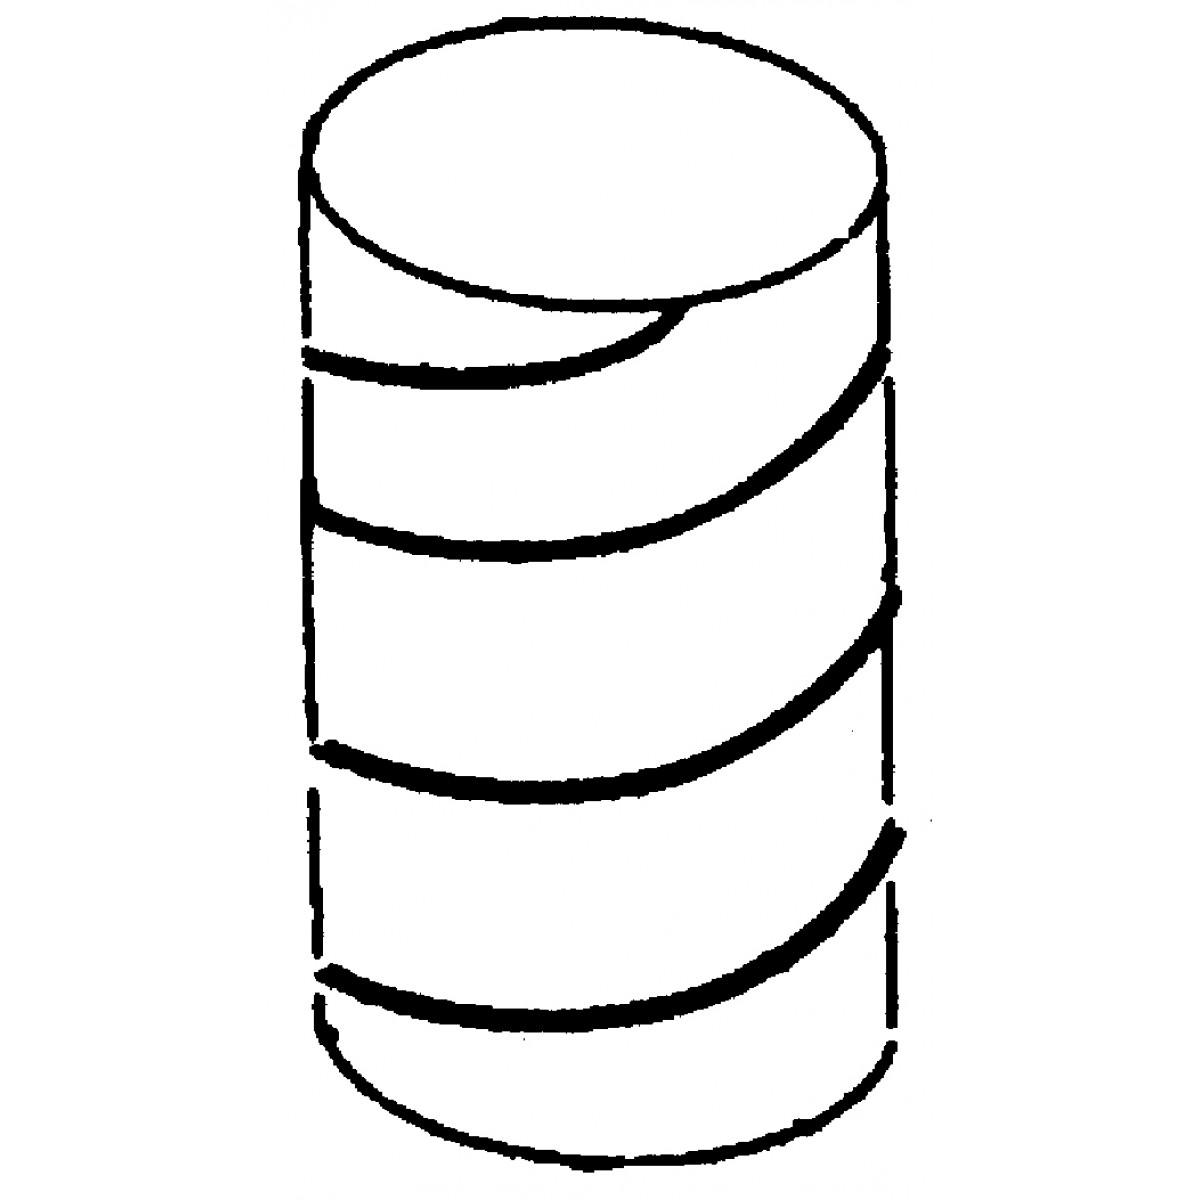 Foldetspiralrr-33